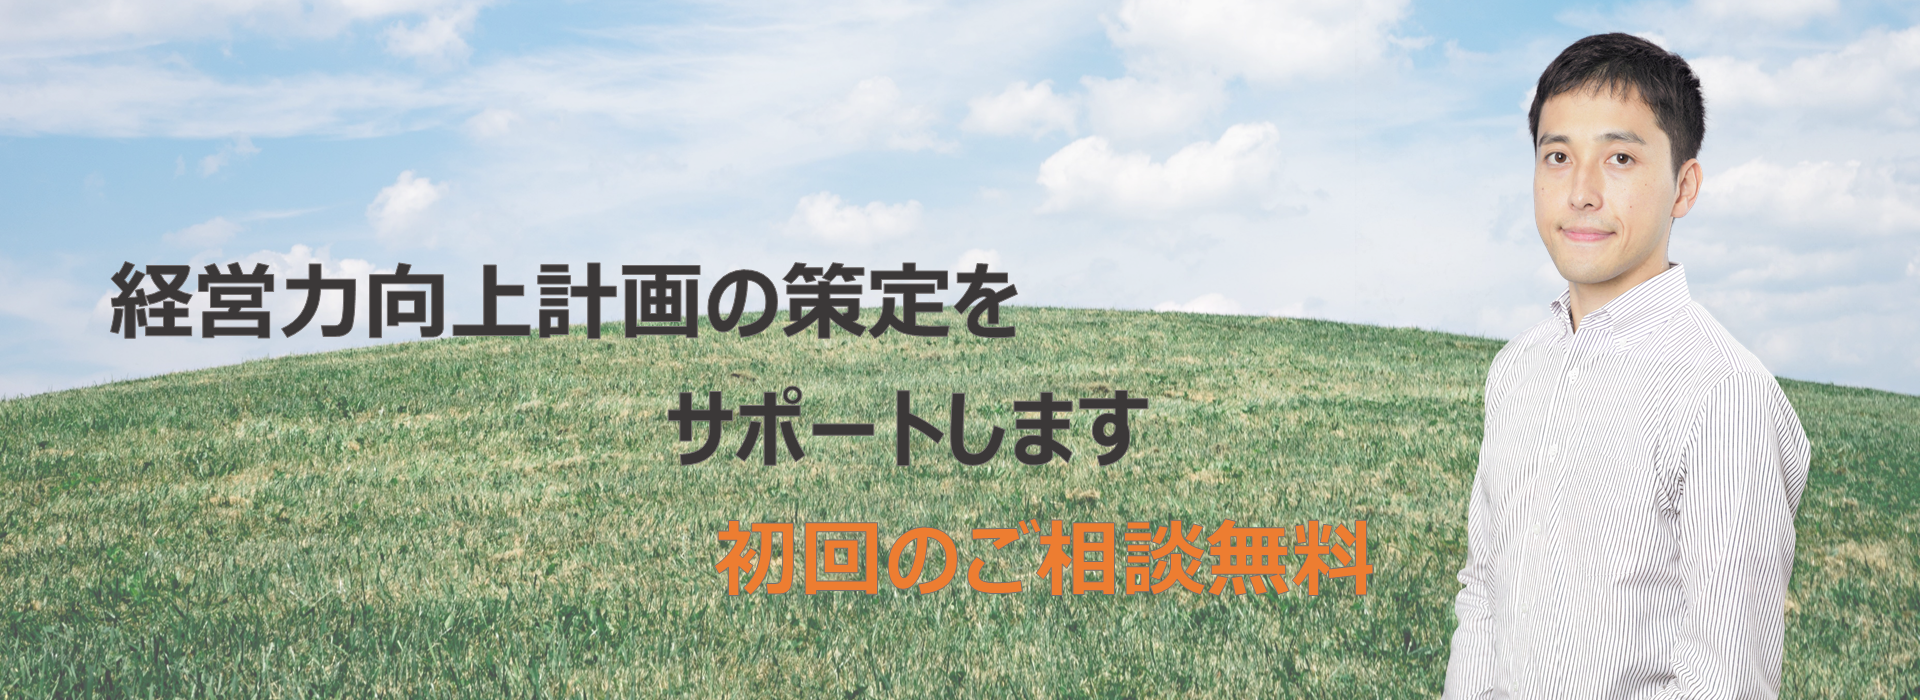 佐藤幹雄税理士事務所